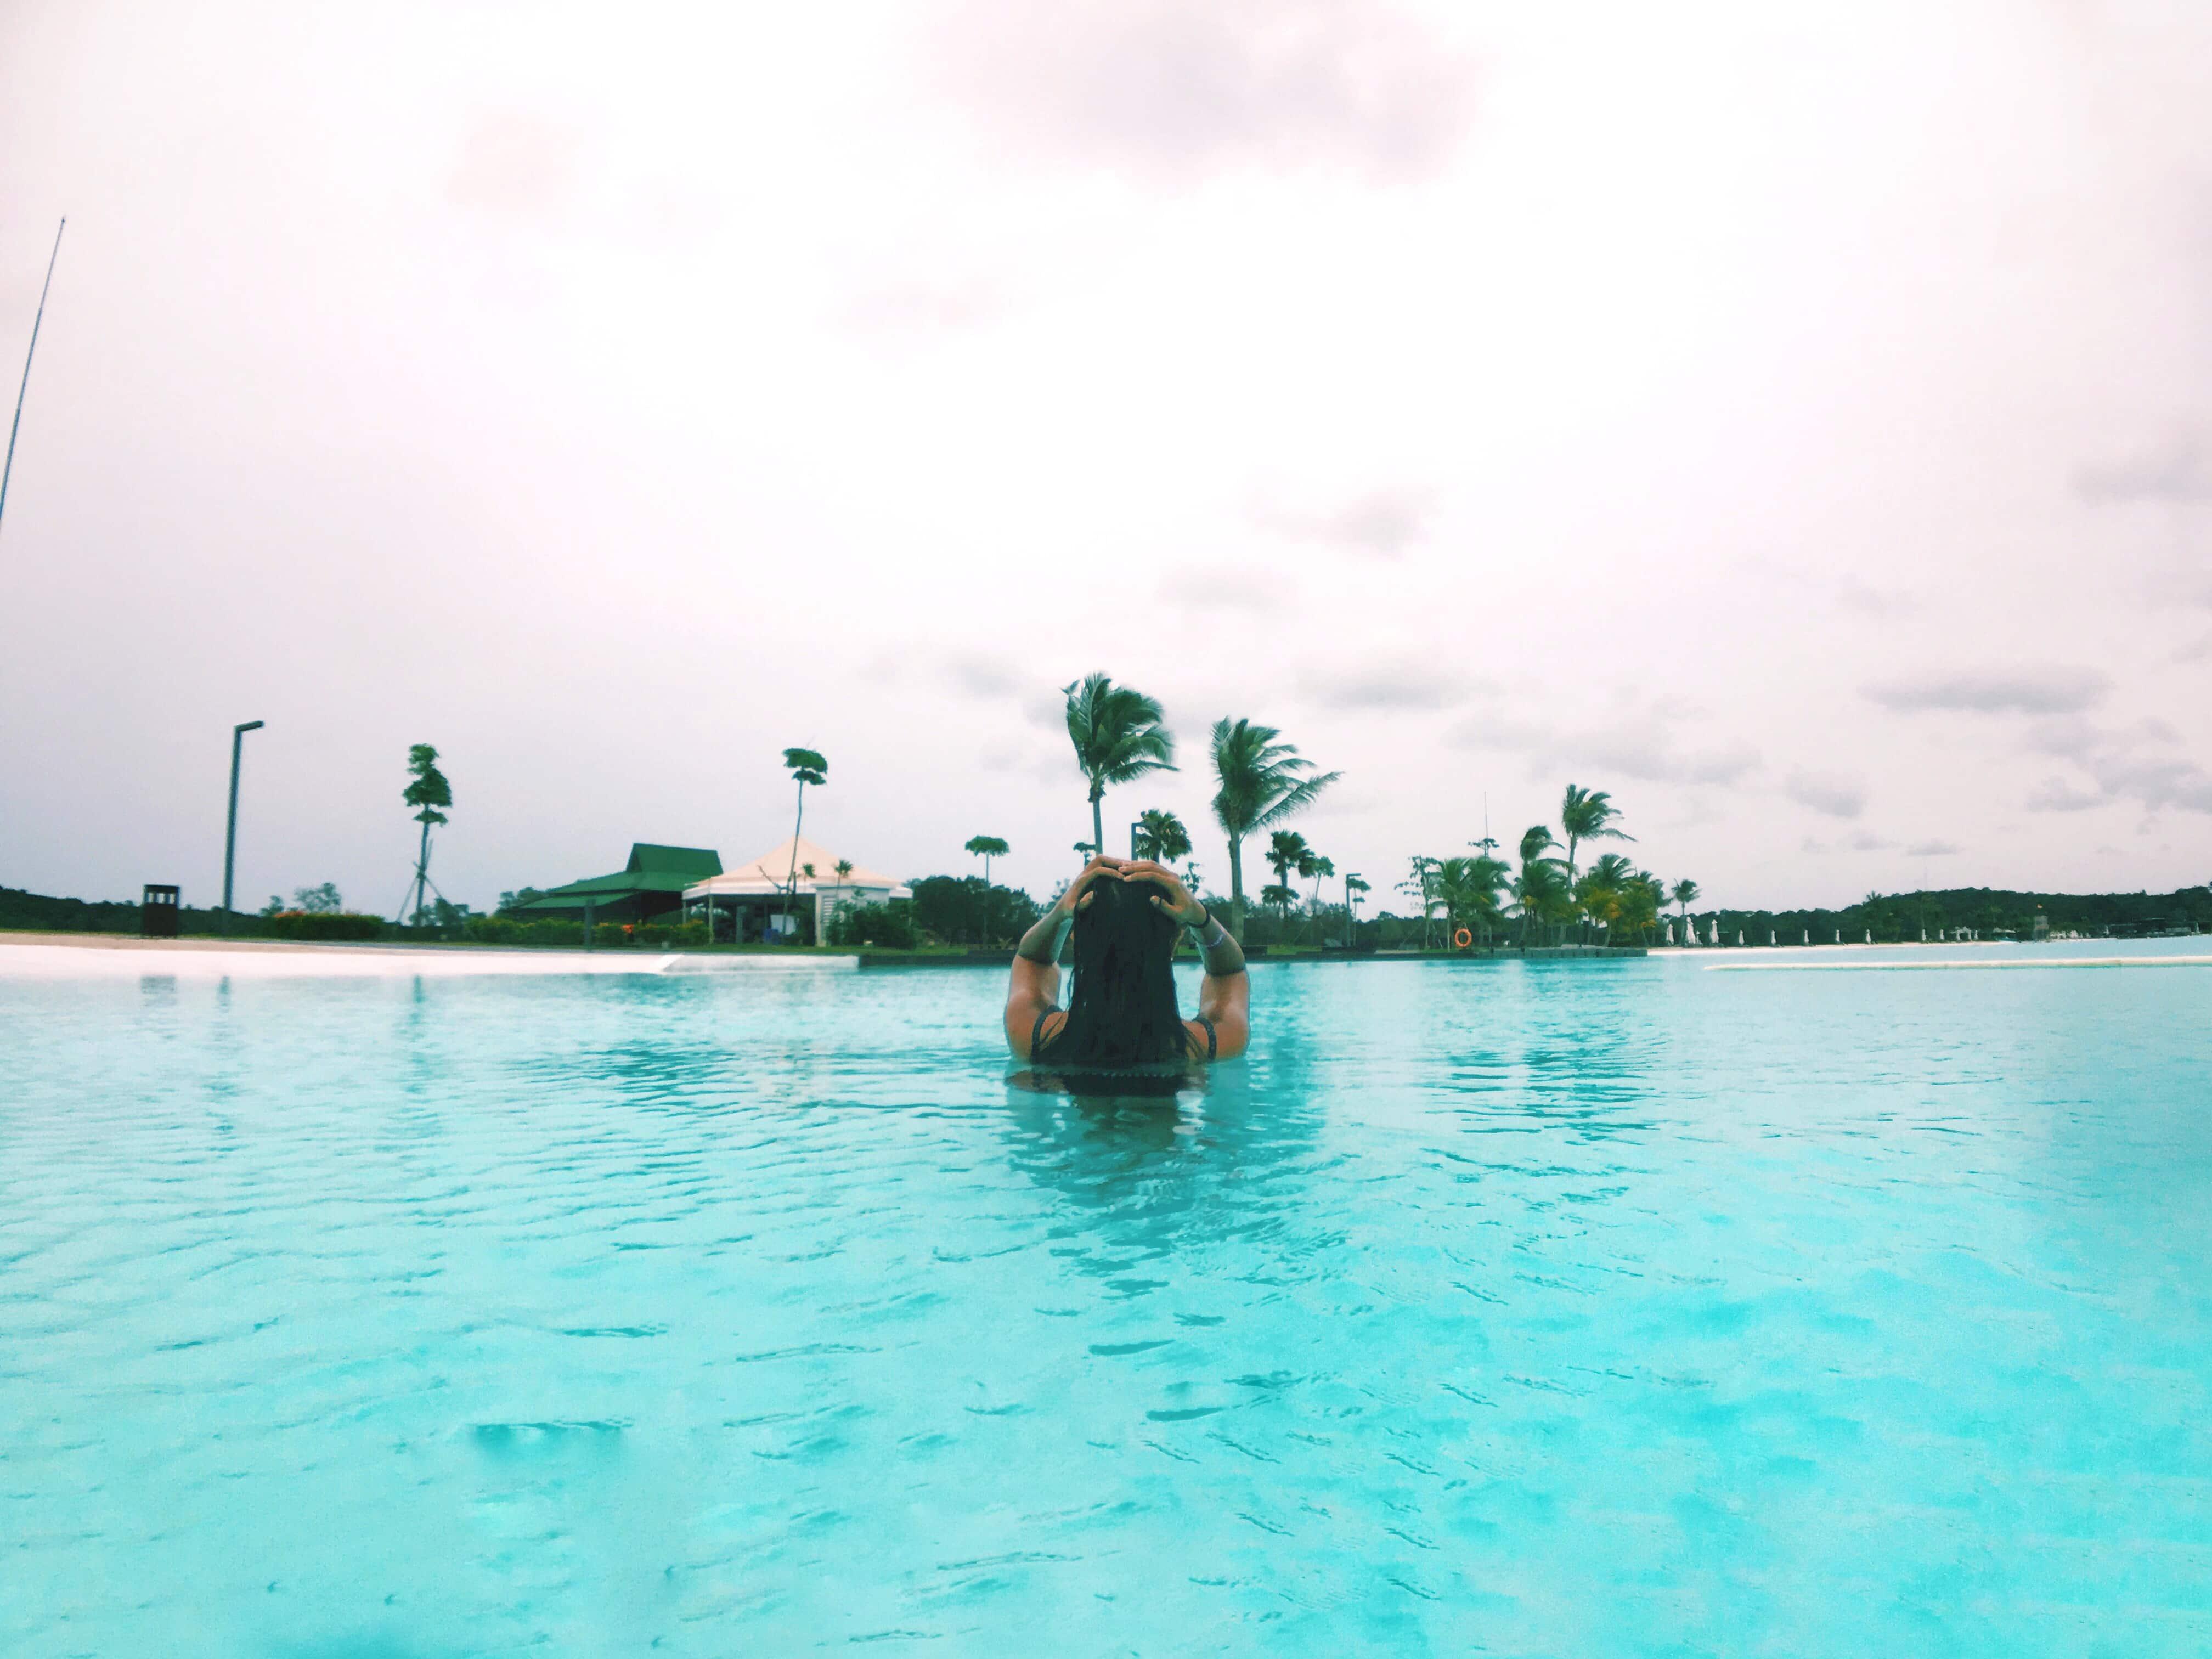 things to do in bintan, shopping in bintan, where to stay in bintan, bintan island, nightlife in bintan, what to eat in bintan, bintan resorts